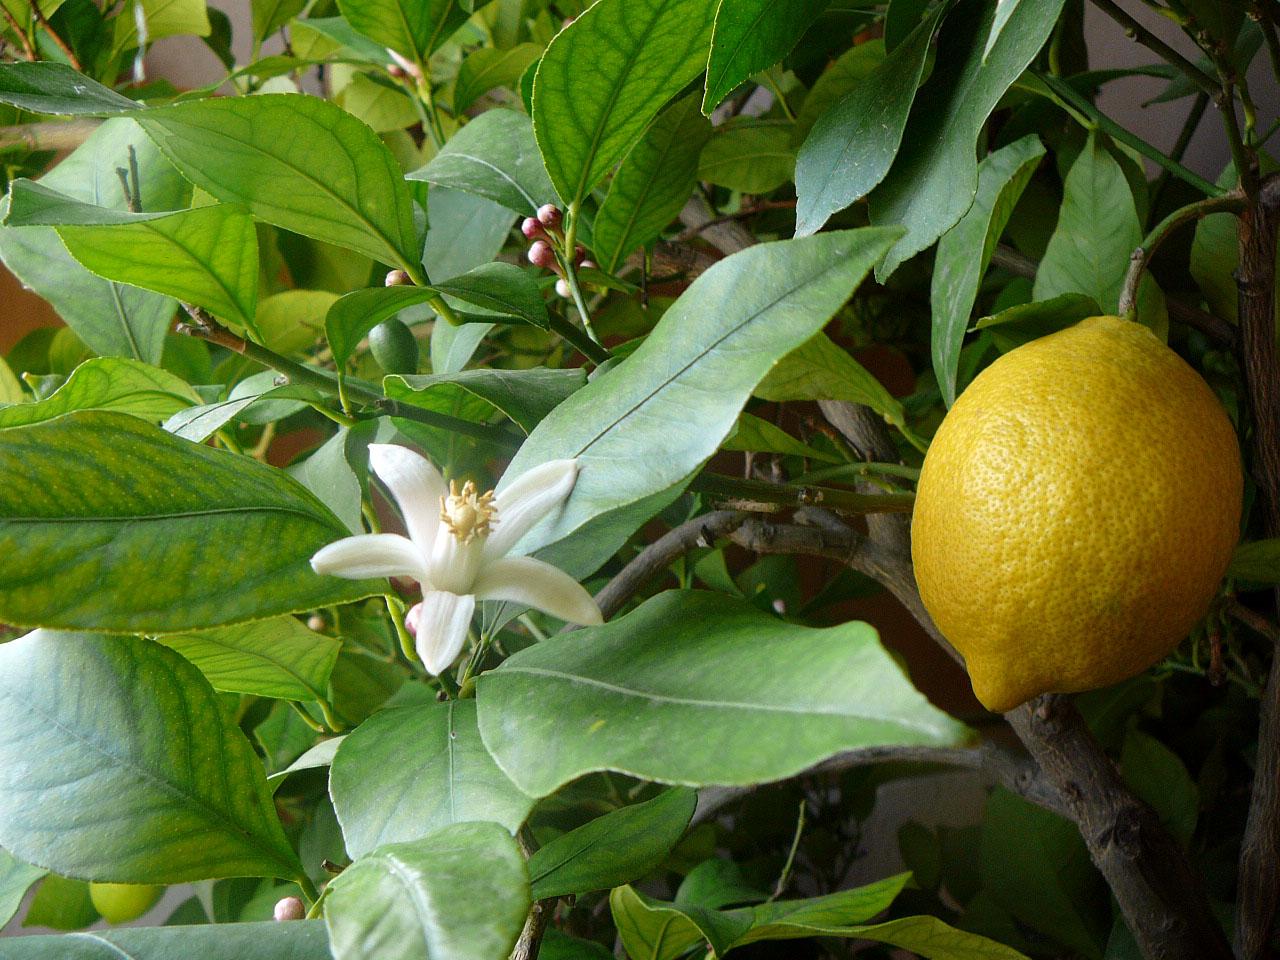 Как обрезать лимон в домашних условиях